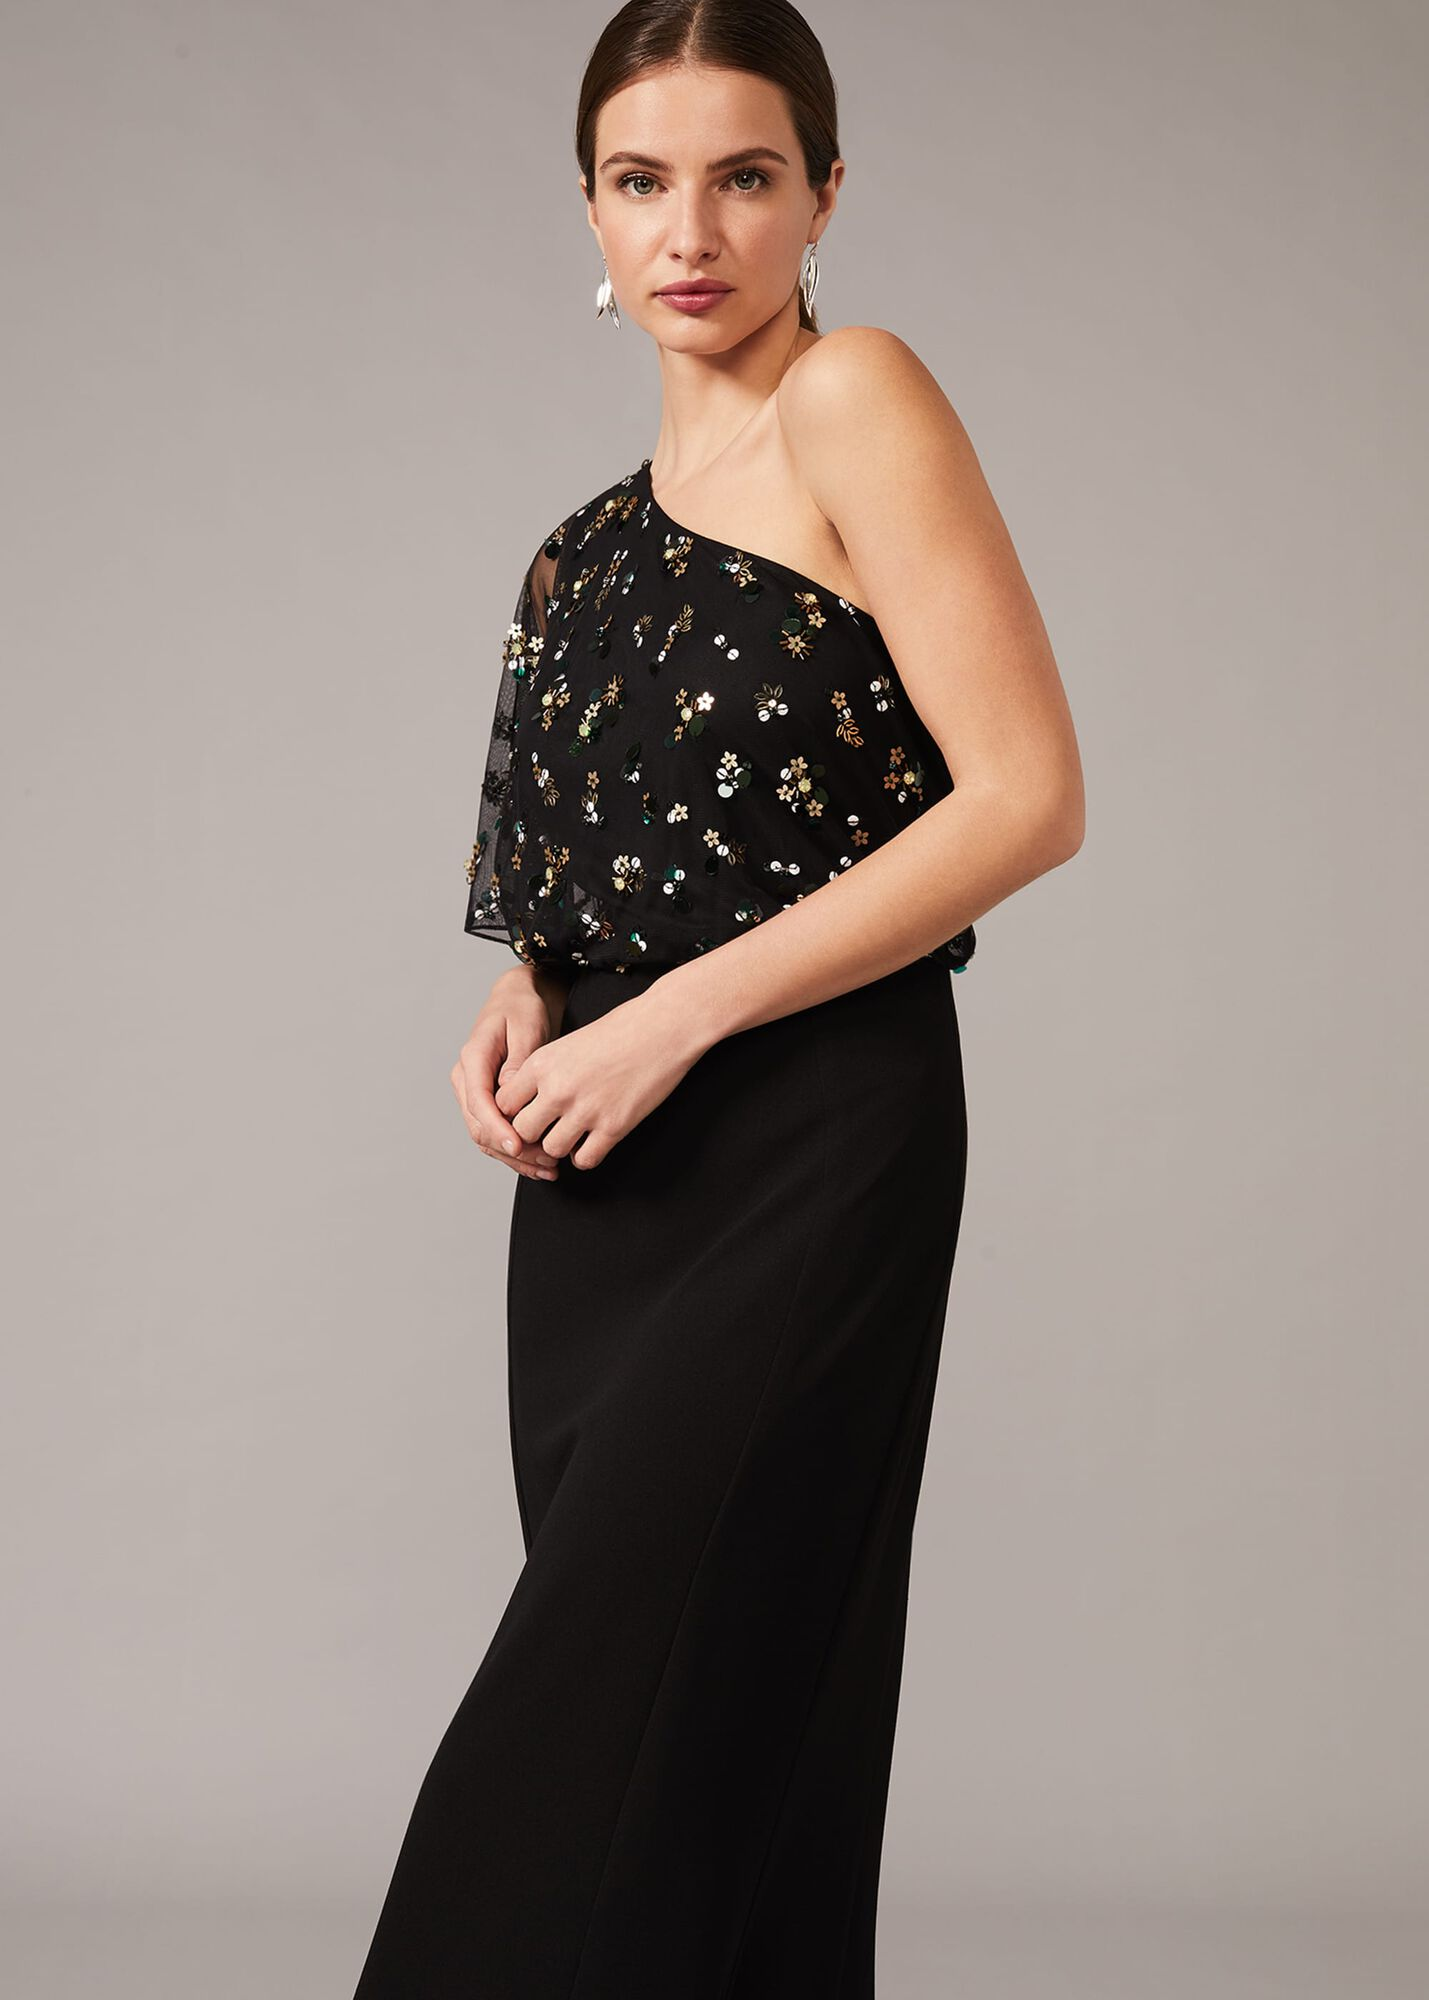 220070050-03-adele-sequinned-one-shoulder-dress.jpg?sw=1429&sh=2000&strip=false